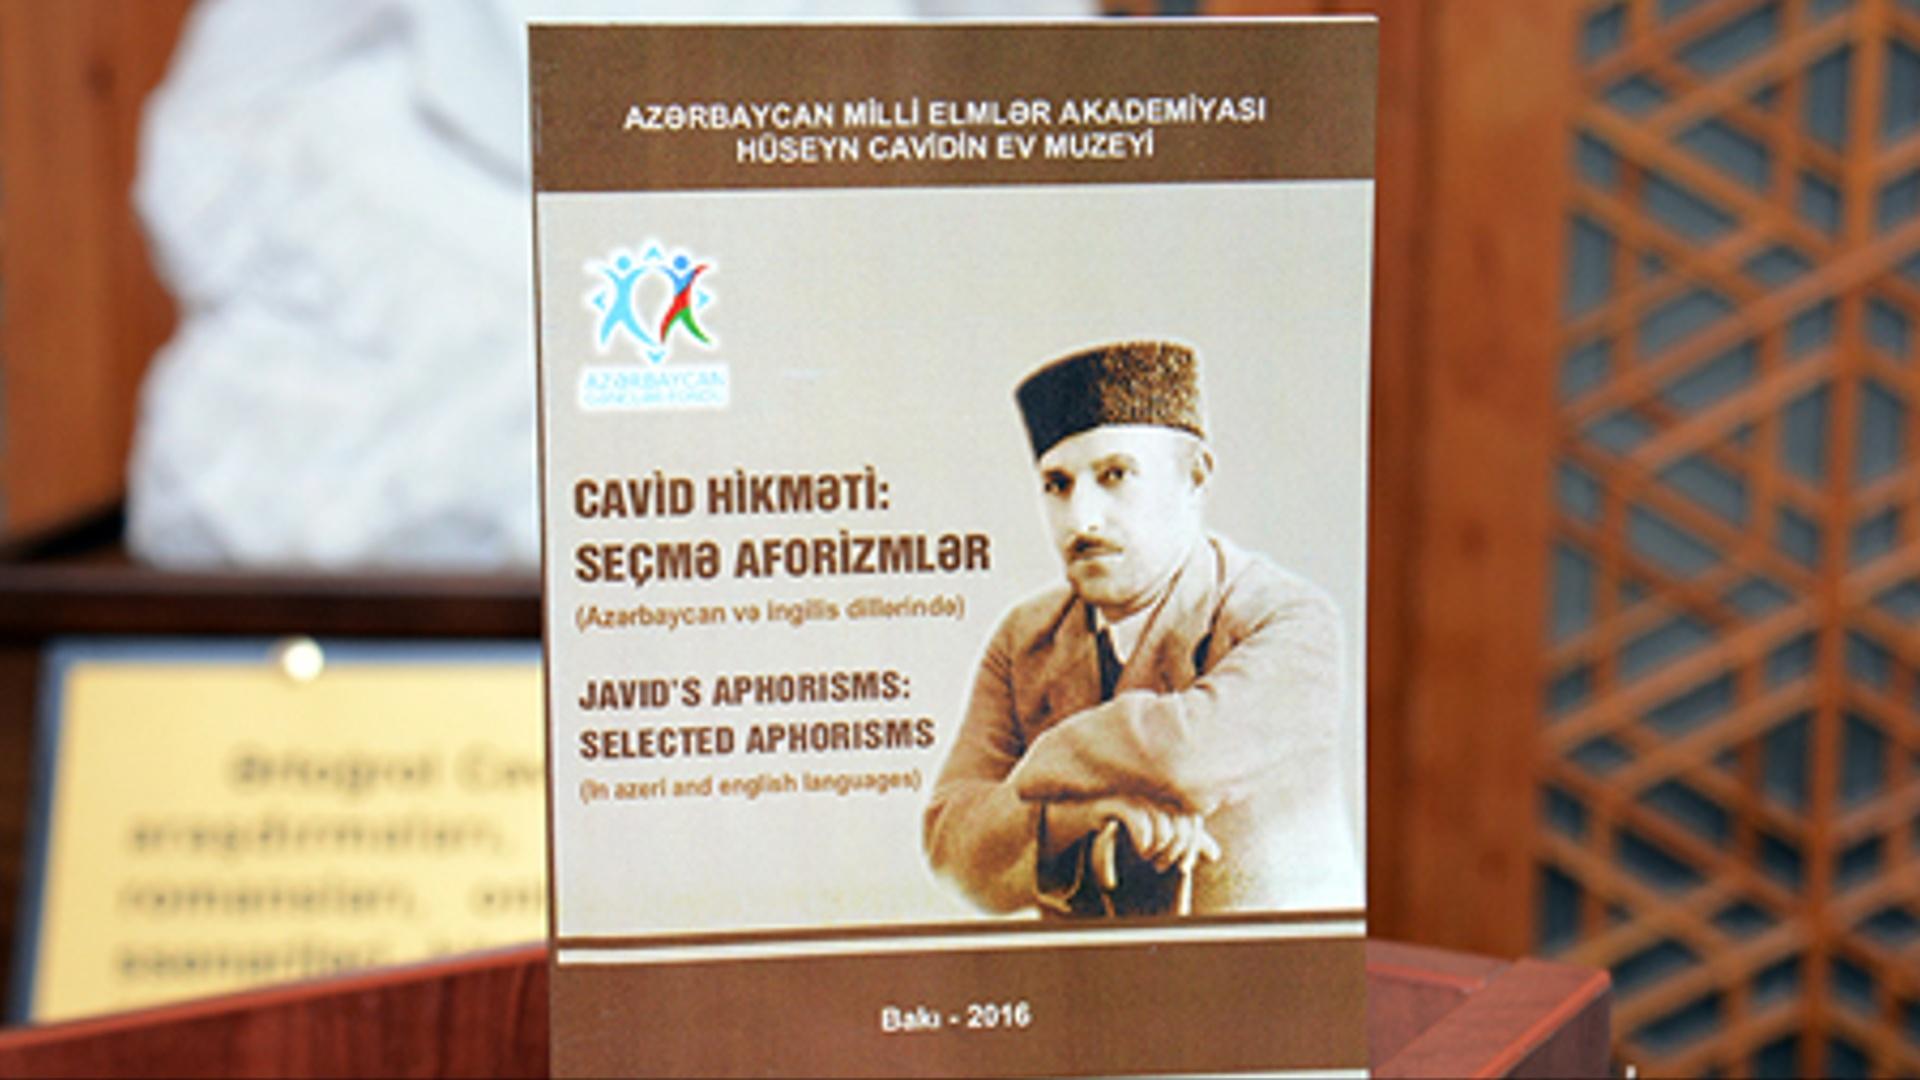 """""""Cavid hikməti:  seçmə aforizmlər""""  kitabı dəyərli tədqiqat mənbəyidir"""